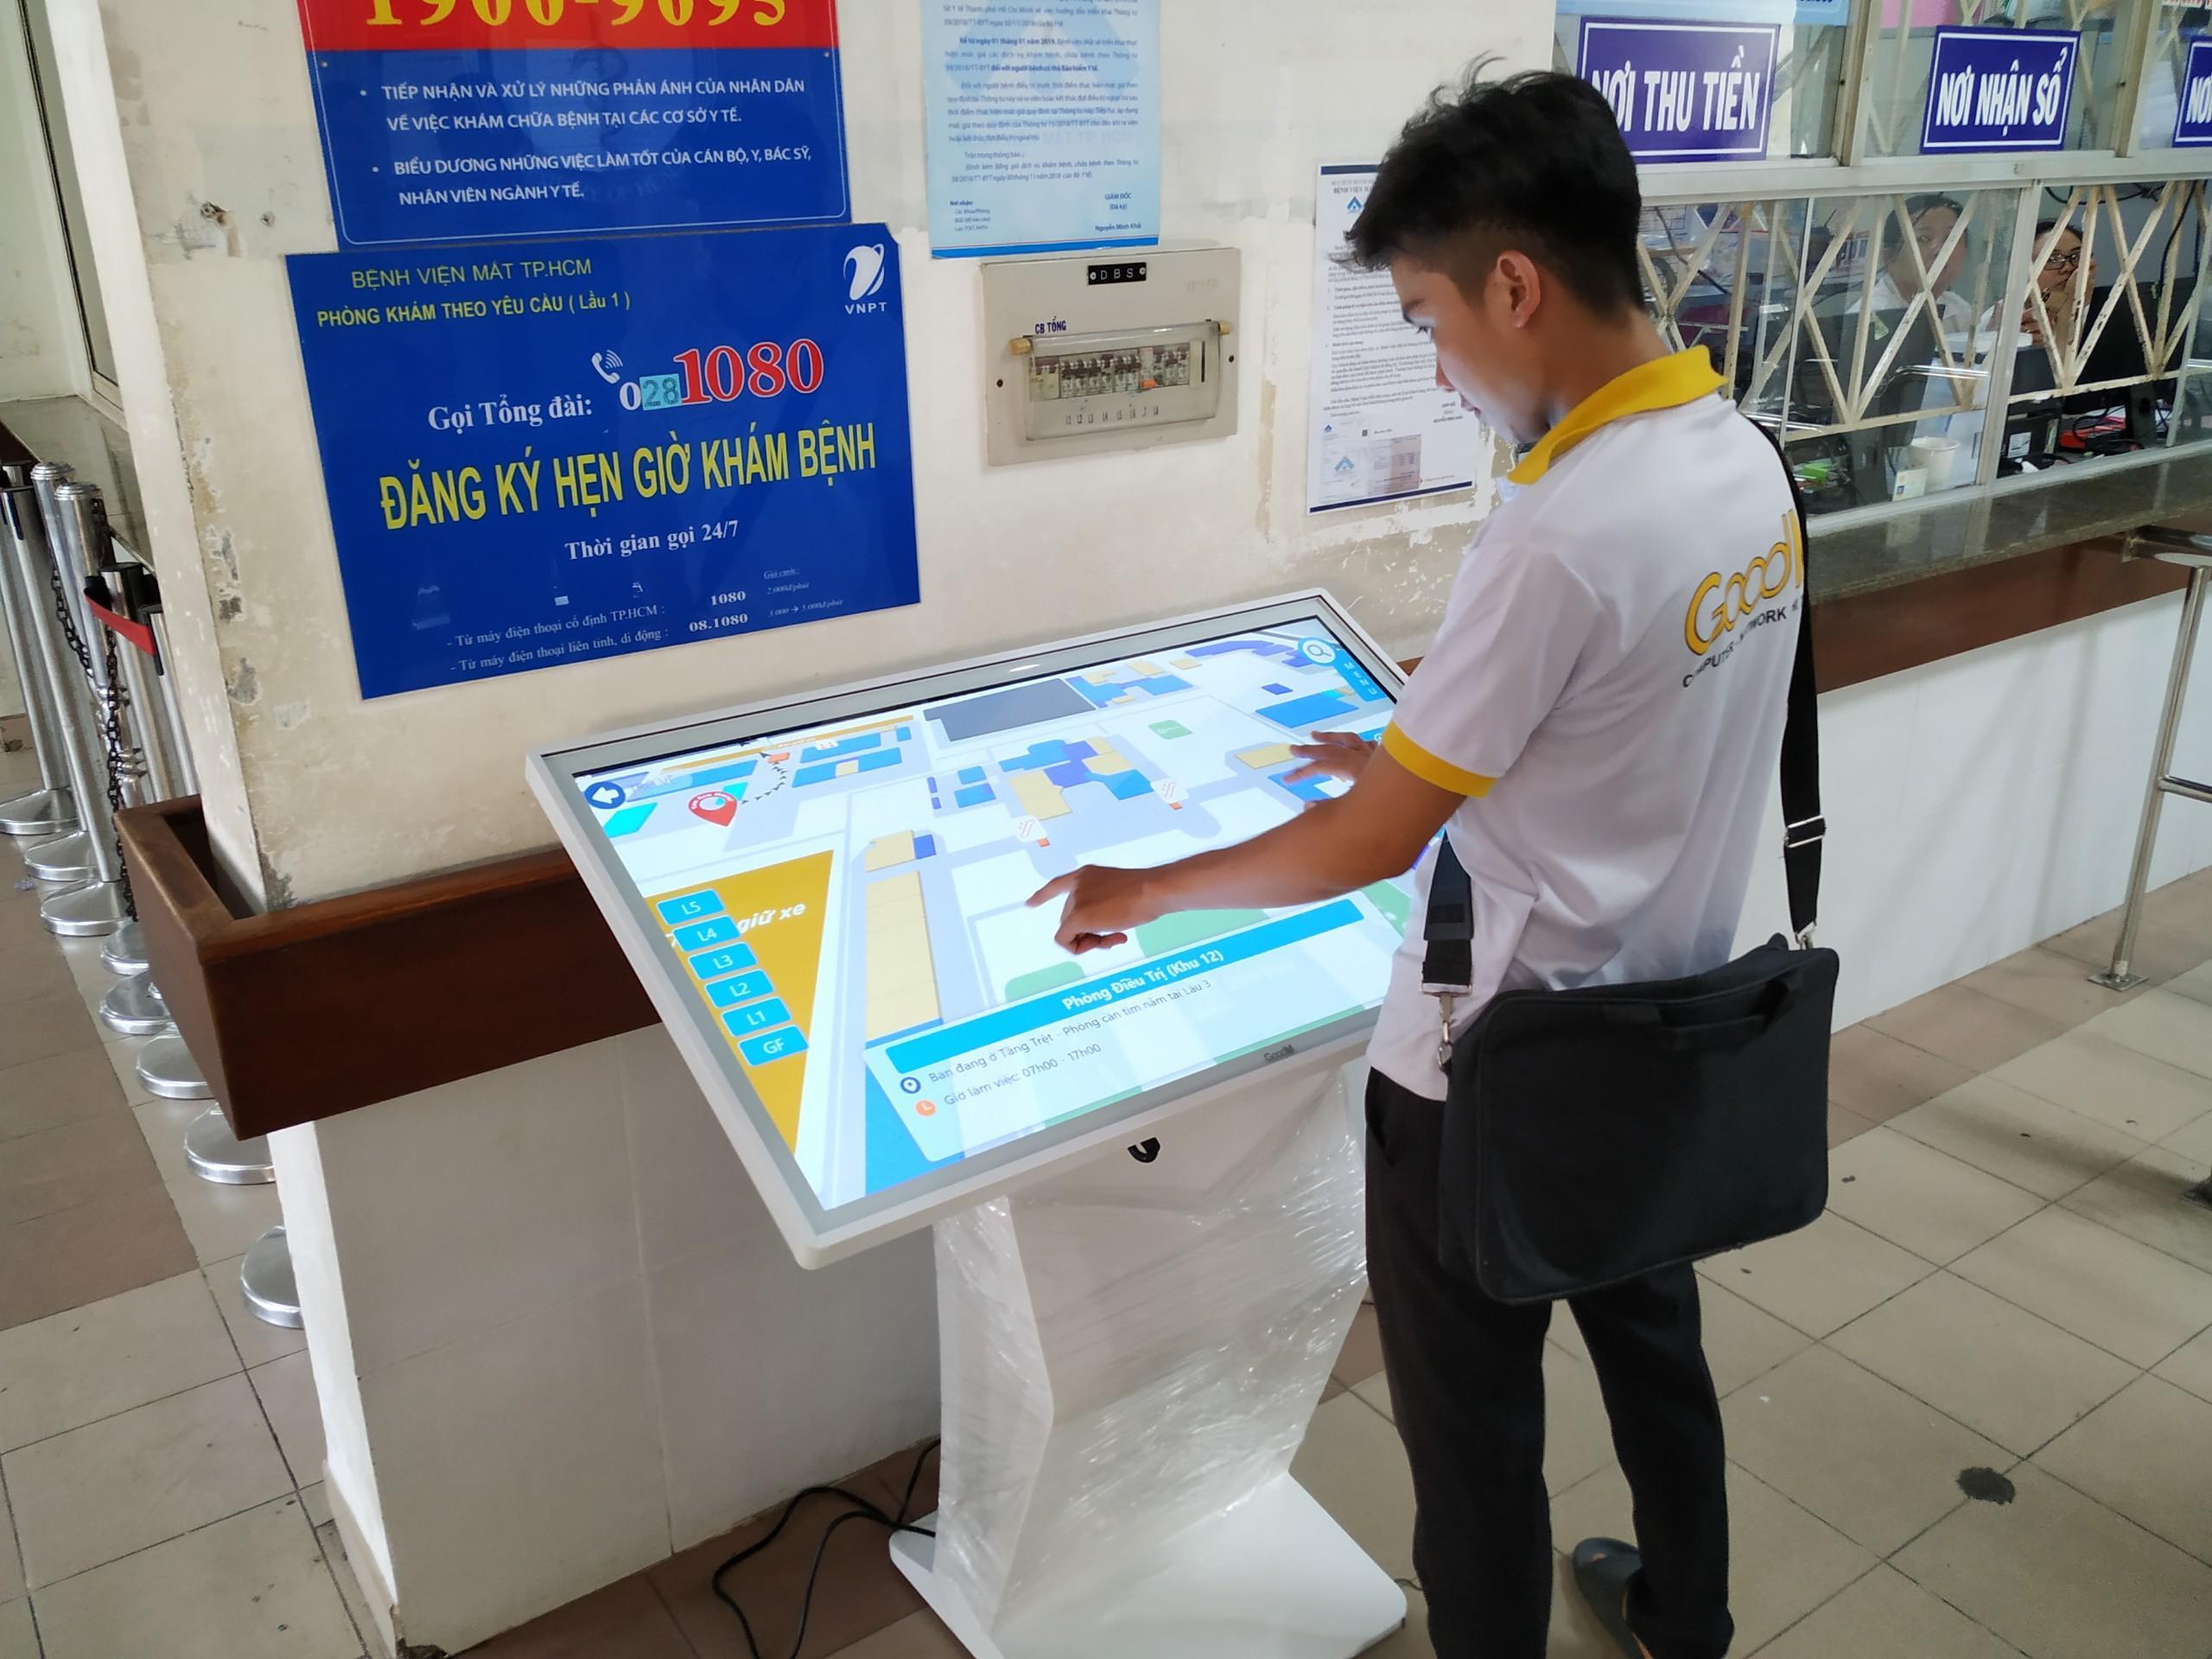 Máy tra cứu kiosk trong lĩnh vực giáo dục